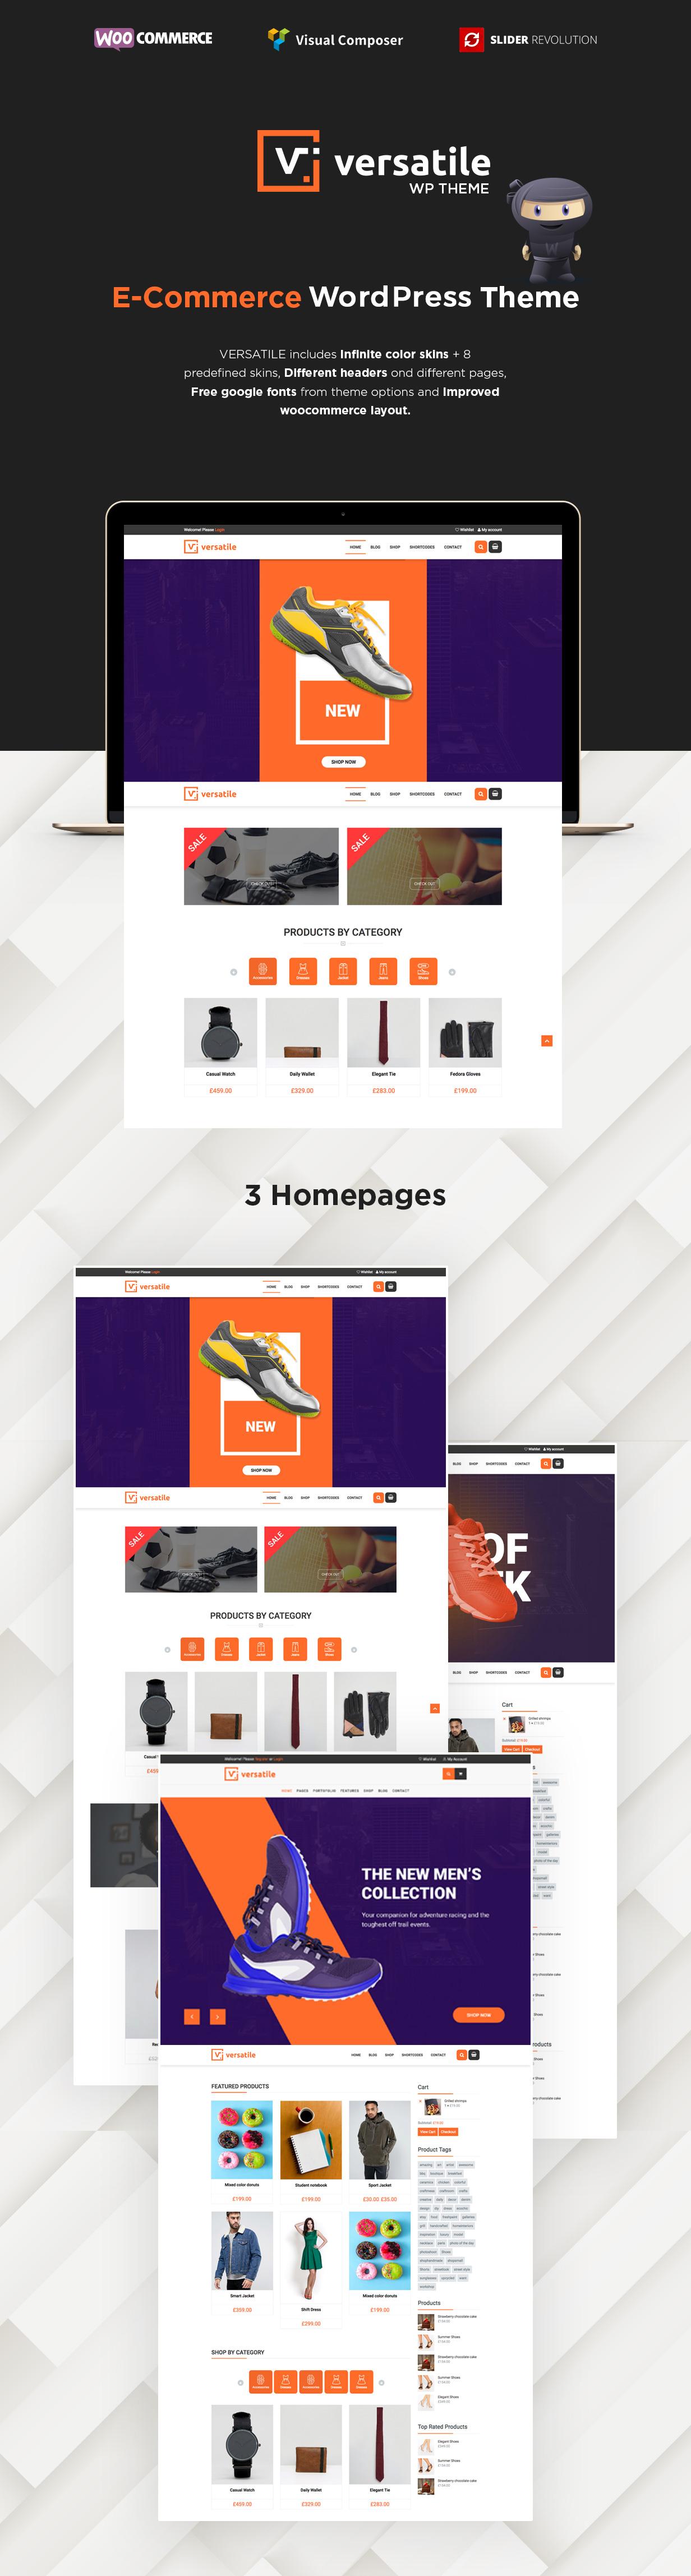 Vielseitig einsetzbar - Mehrzweck-WooCommerce-WordPress-Layout - 3